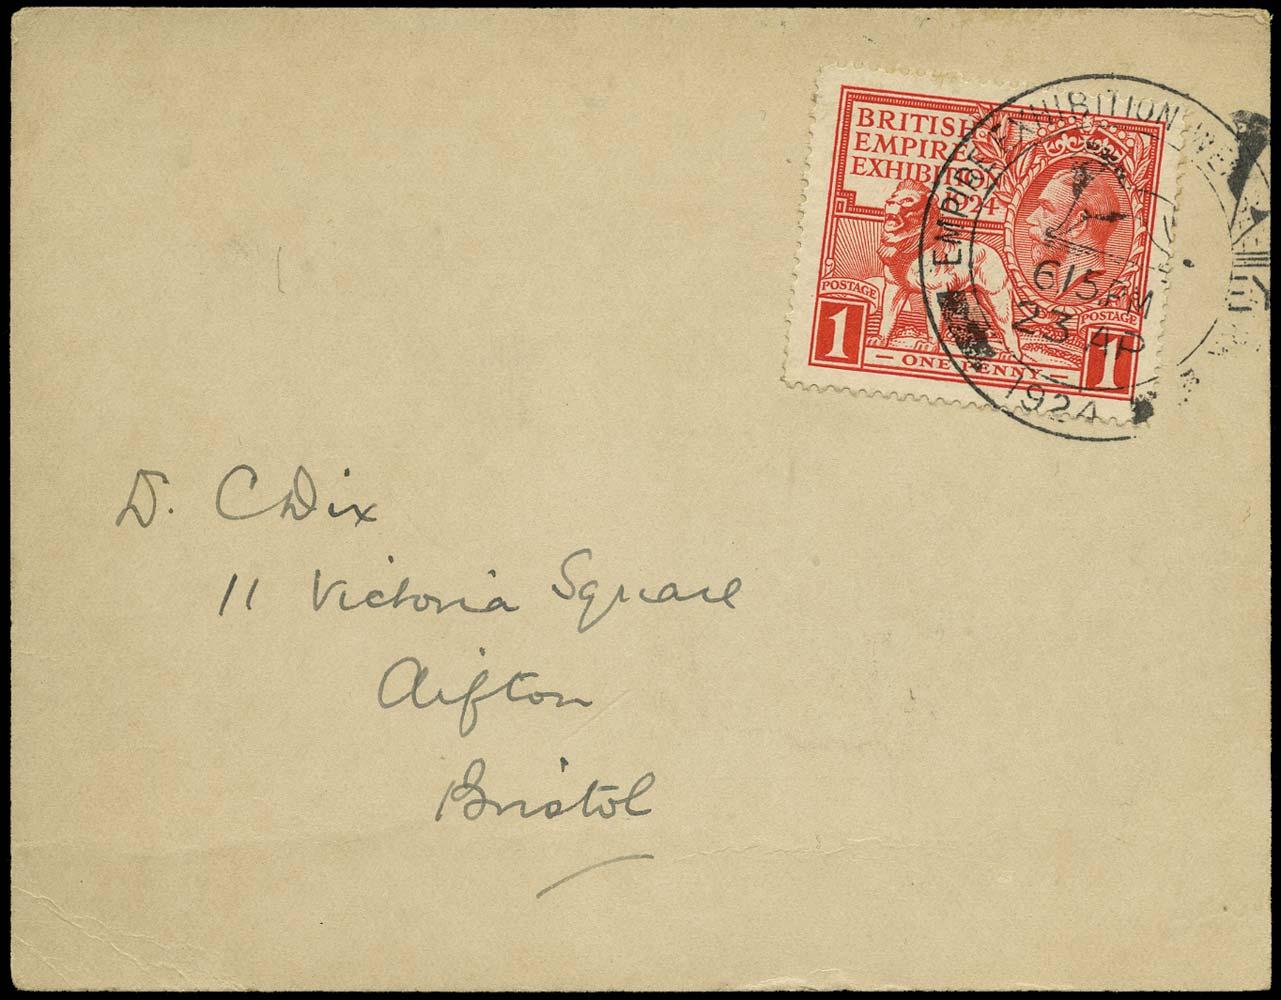 GB 1924  SG430 Cover 1d British Empire Exhibition FDC